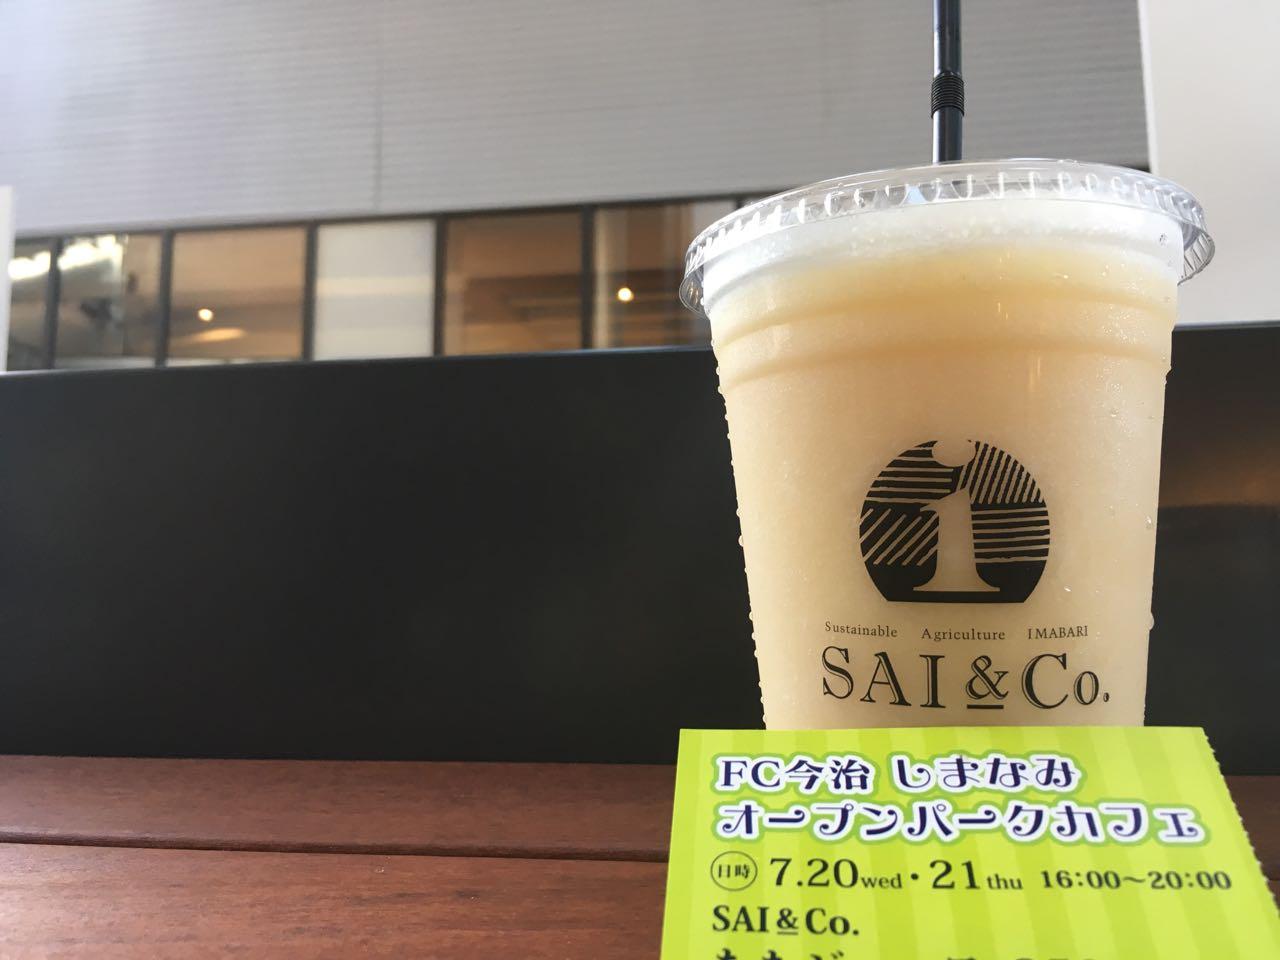 みとん今治,FC今治,イオンモール今治新都市,SAI&Co,カフェ